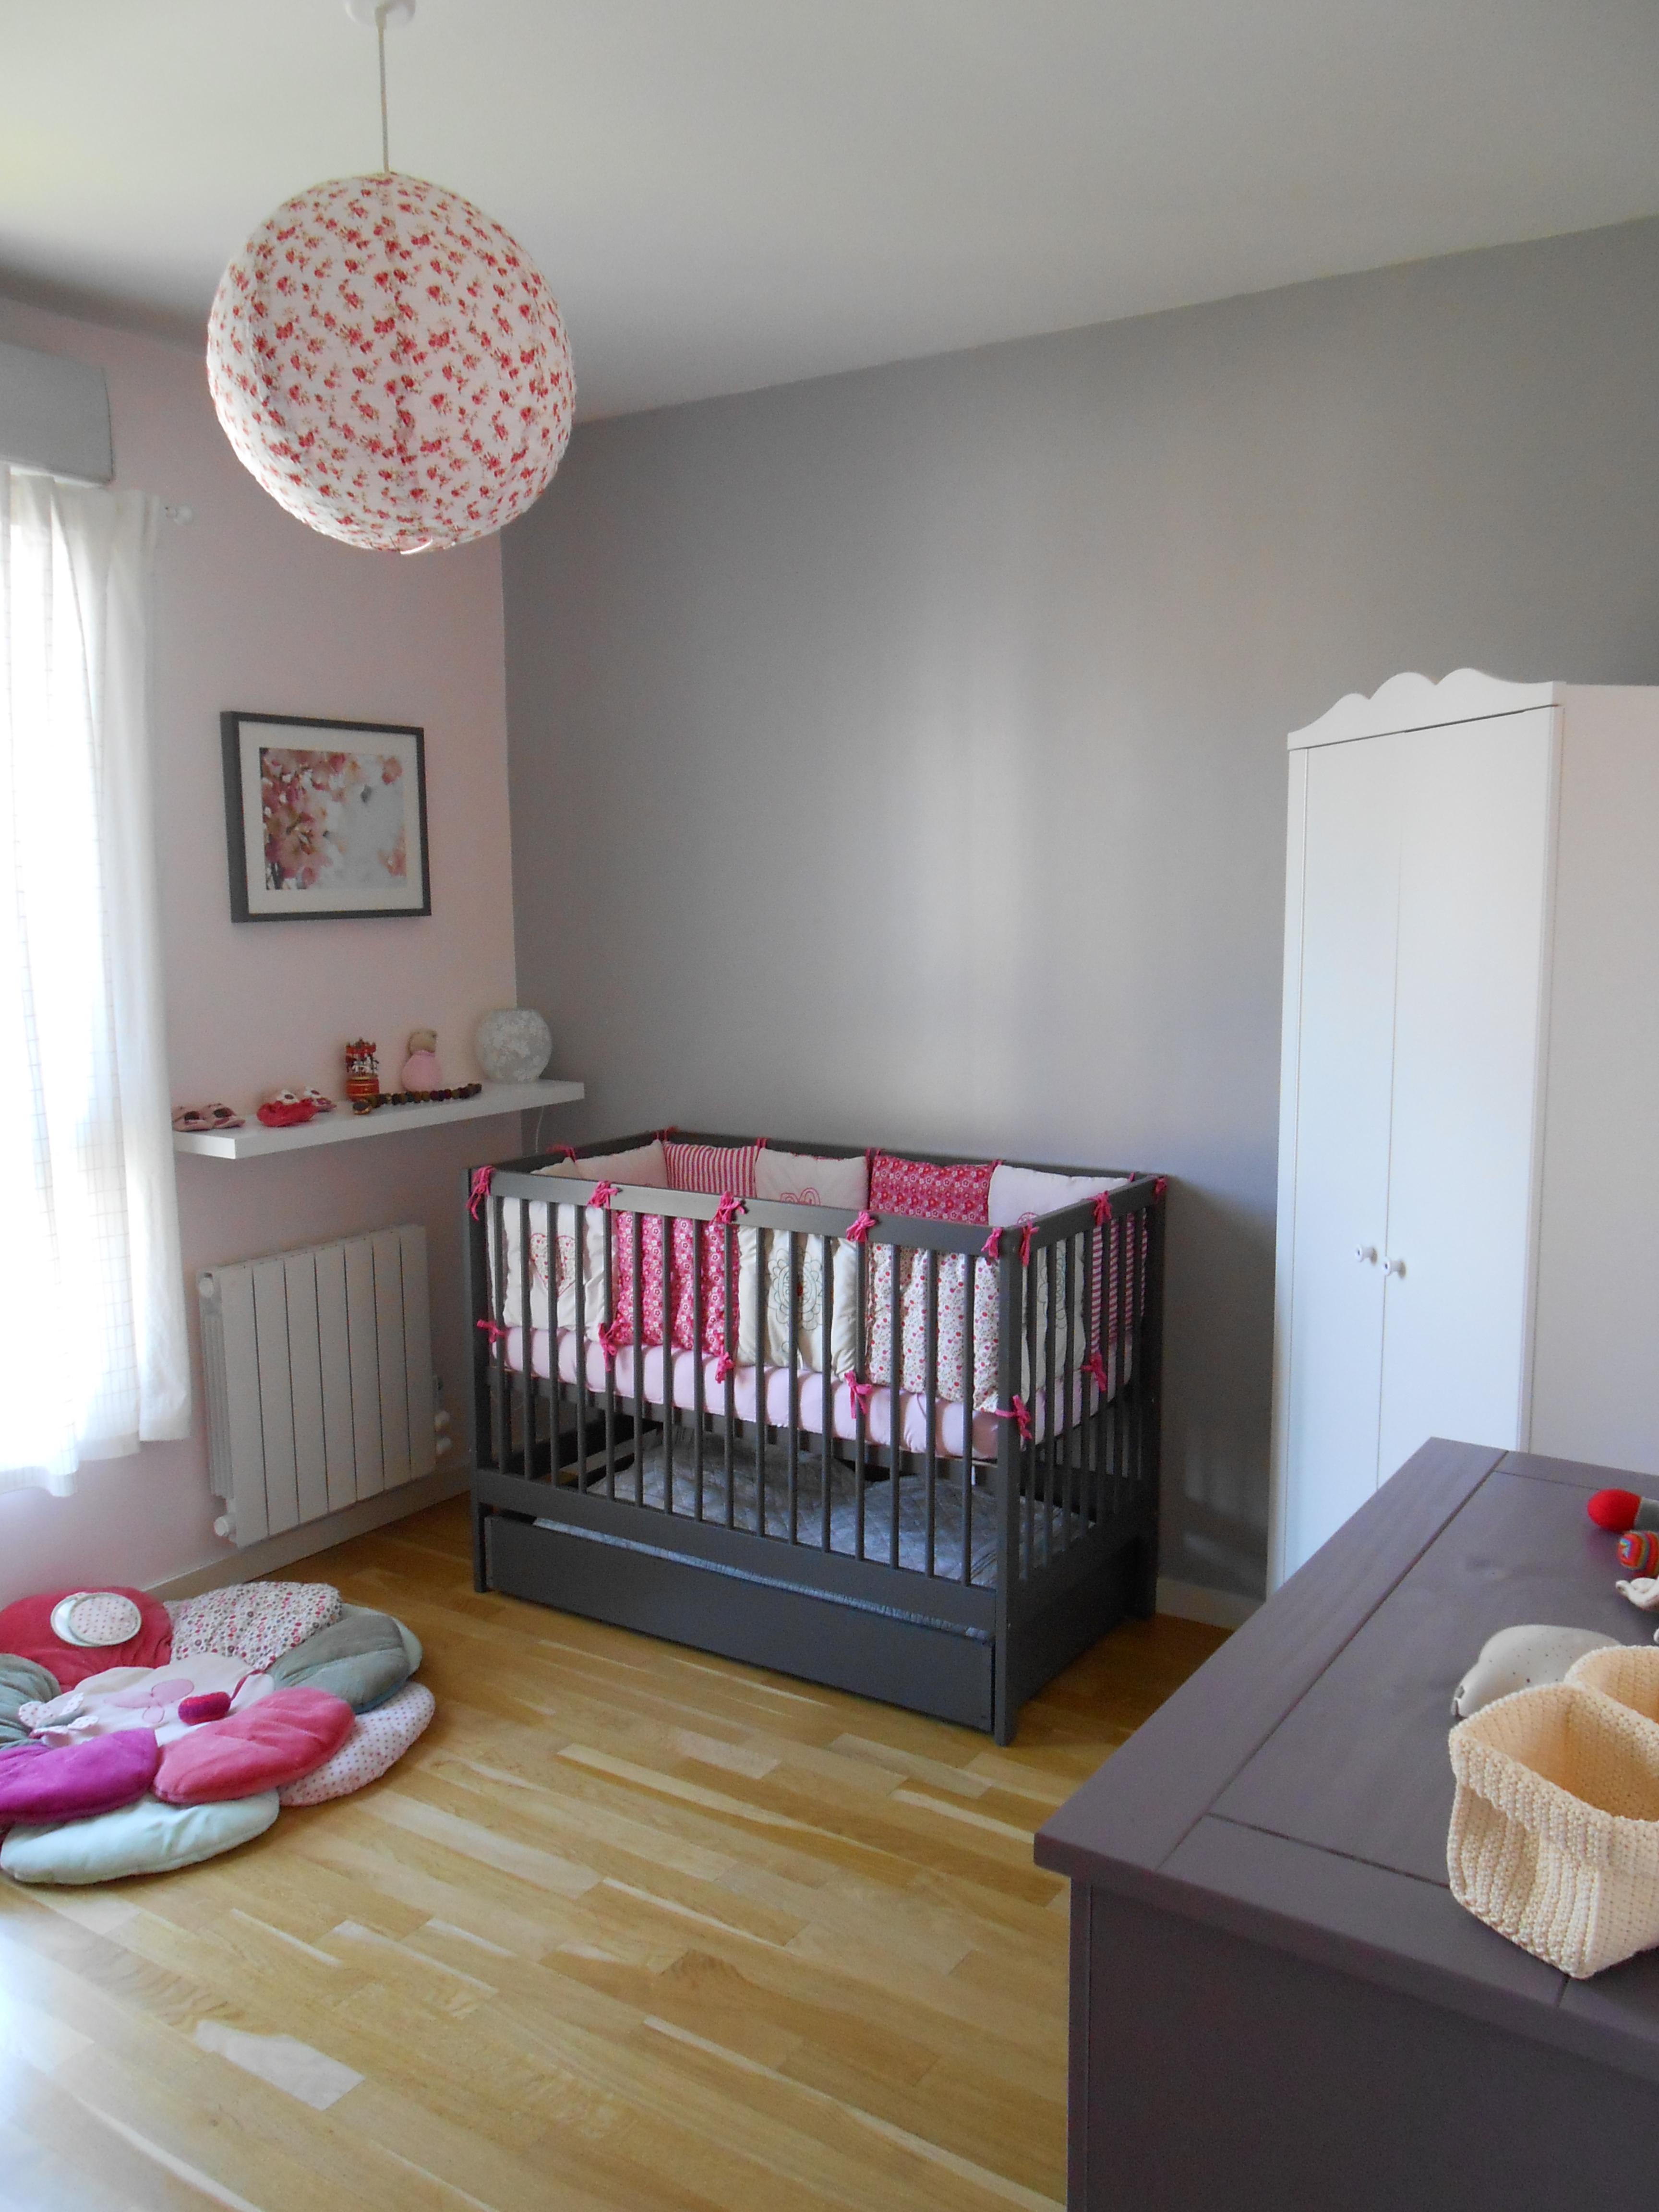 Deco chambre bebe gris rose - Idées de tricot gratuit